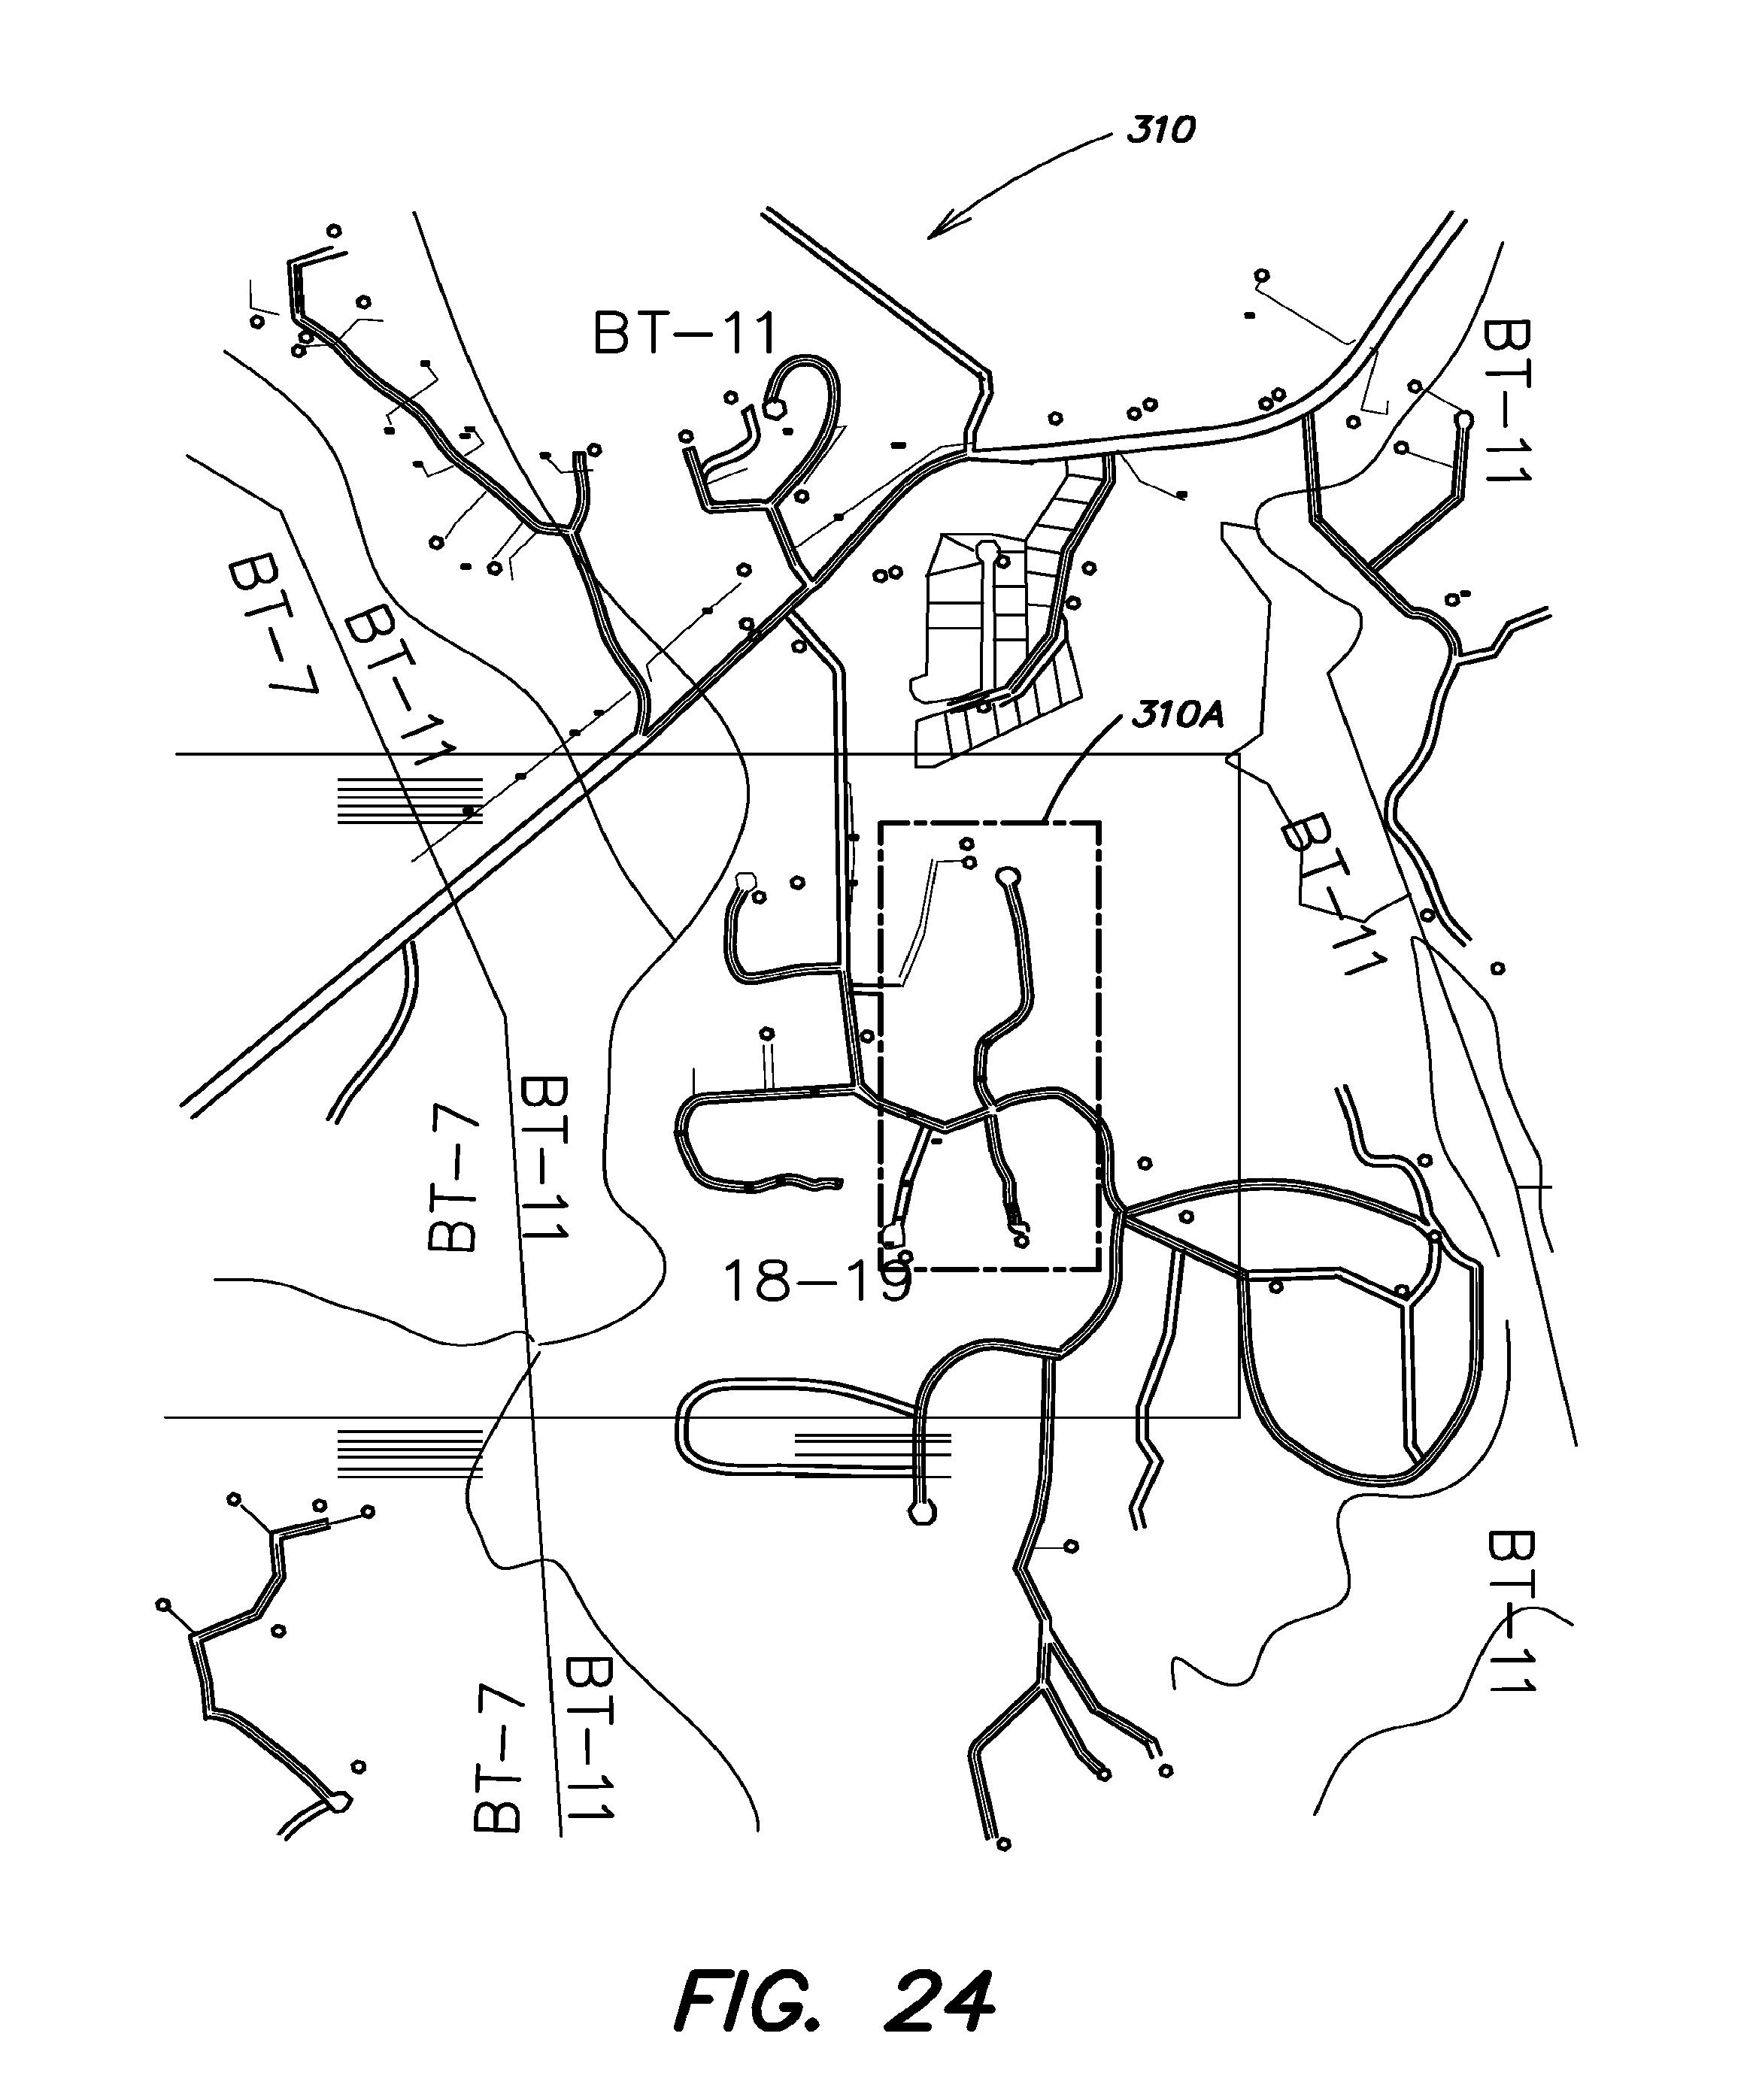 Tia 568b Wiring,b.Free Download Printable Wiring Diagrams  B Wiring Diagram Rj on